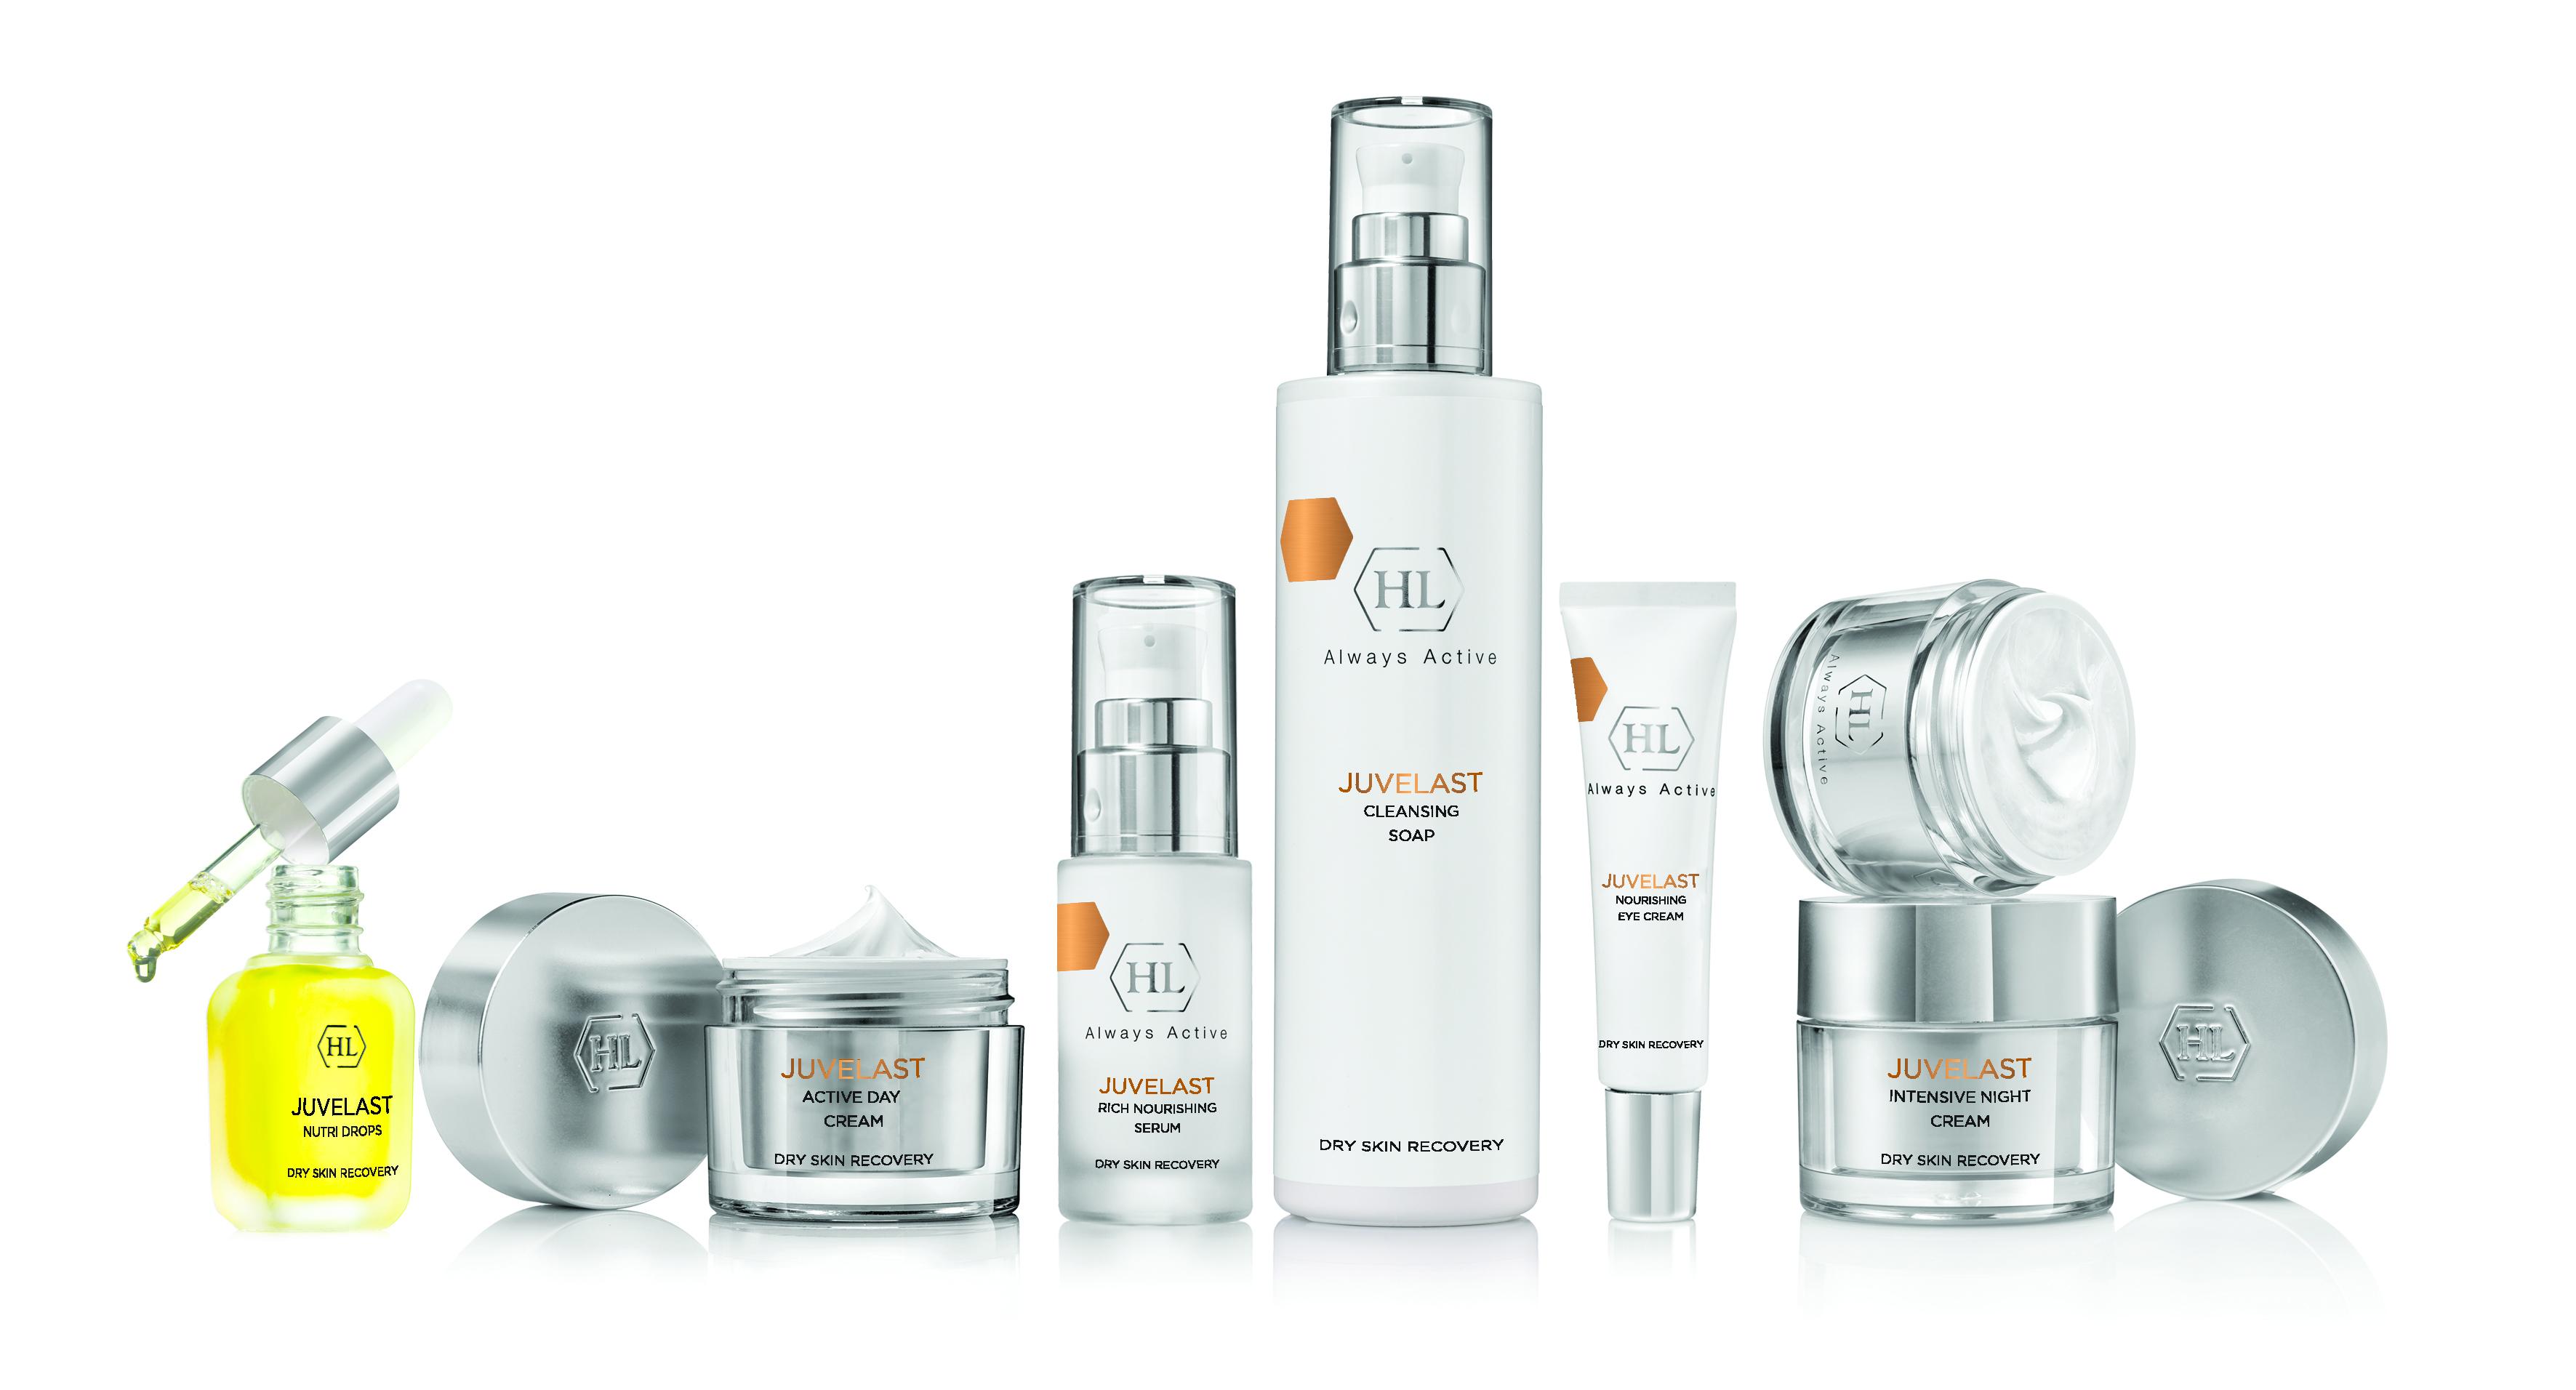 חברת HL- ג'ובילסט- סדרה חדשנית ויעילה במיוחד לשיקום עור יבש והזנתו